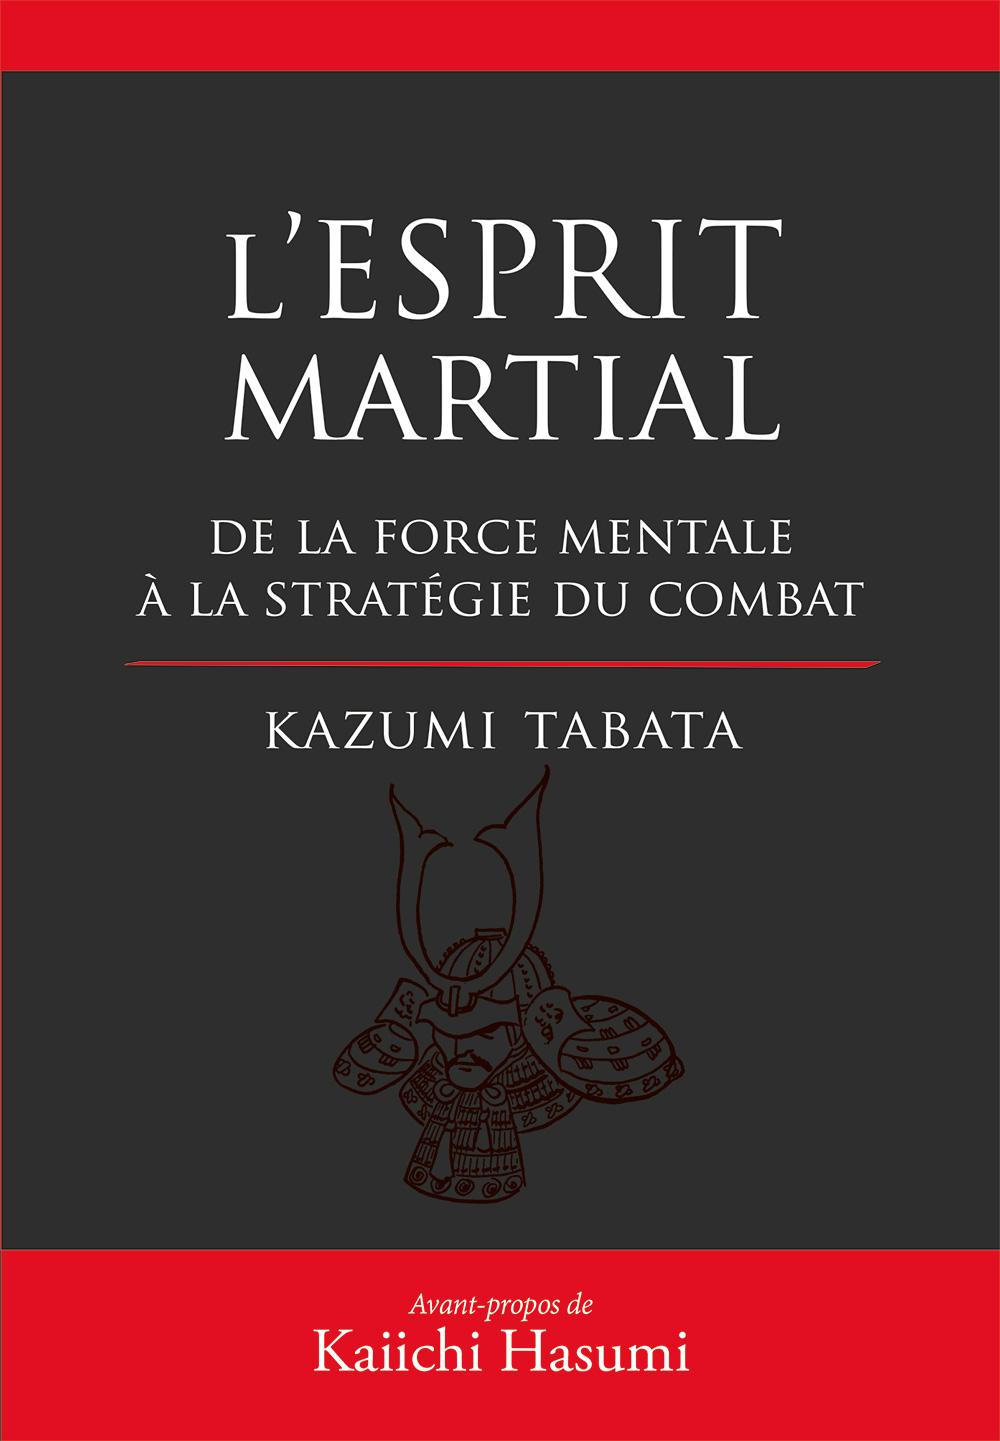 L'ESPRIT MARTIAL: De force mentale à la stratégie du combat